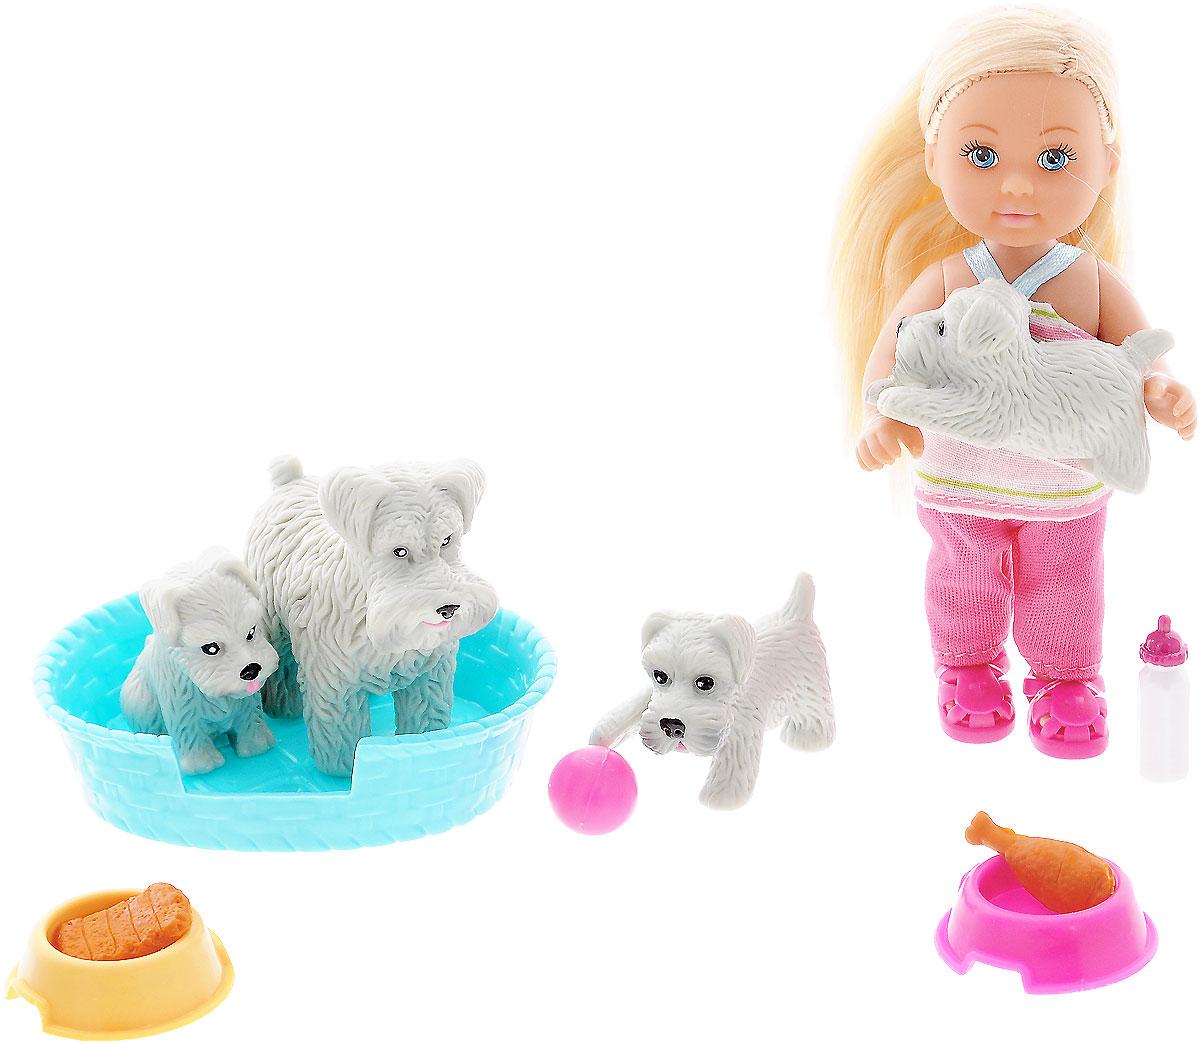 Simba Игровой набор с мини-куклой Еви цвет лежака голубой5734191_блондинка/серые собаки в голубом лежакеКукла Еви с домашними животными порадует любую девочку и надолго увлечет ее. Набор включает в себя куколку Еви, ее питомцев в виде серой собачки и трех ее щенков, а также лежак и аксессуары для ухода за животными. Малышка Еви одета в полосатую маечку и розовые брючки. На ногах у нее - яркие летние сандалики. Вашей дочурке непременно понравится заплетать длинные белокурые волосы куклы, придумывая разнообразные прически. Руки, ноги и голова куклы подвижны, благодаря чему ей можно придавать разнообразные позы. Игры с куклой способствуют эмоциональному развитию, помогают формировать воображение и художественный вкус, а также разовьют в вашей малышке чувство ответственности и заботы. Великолепное качество исполнения делают эту куколку чудесным подарком к любому празднику.